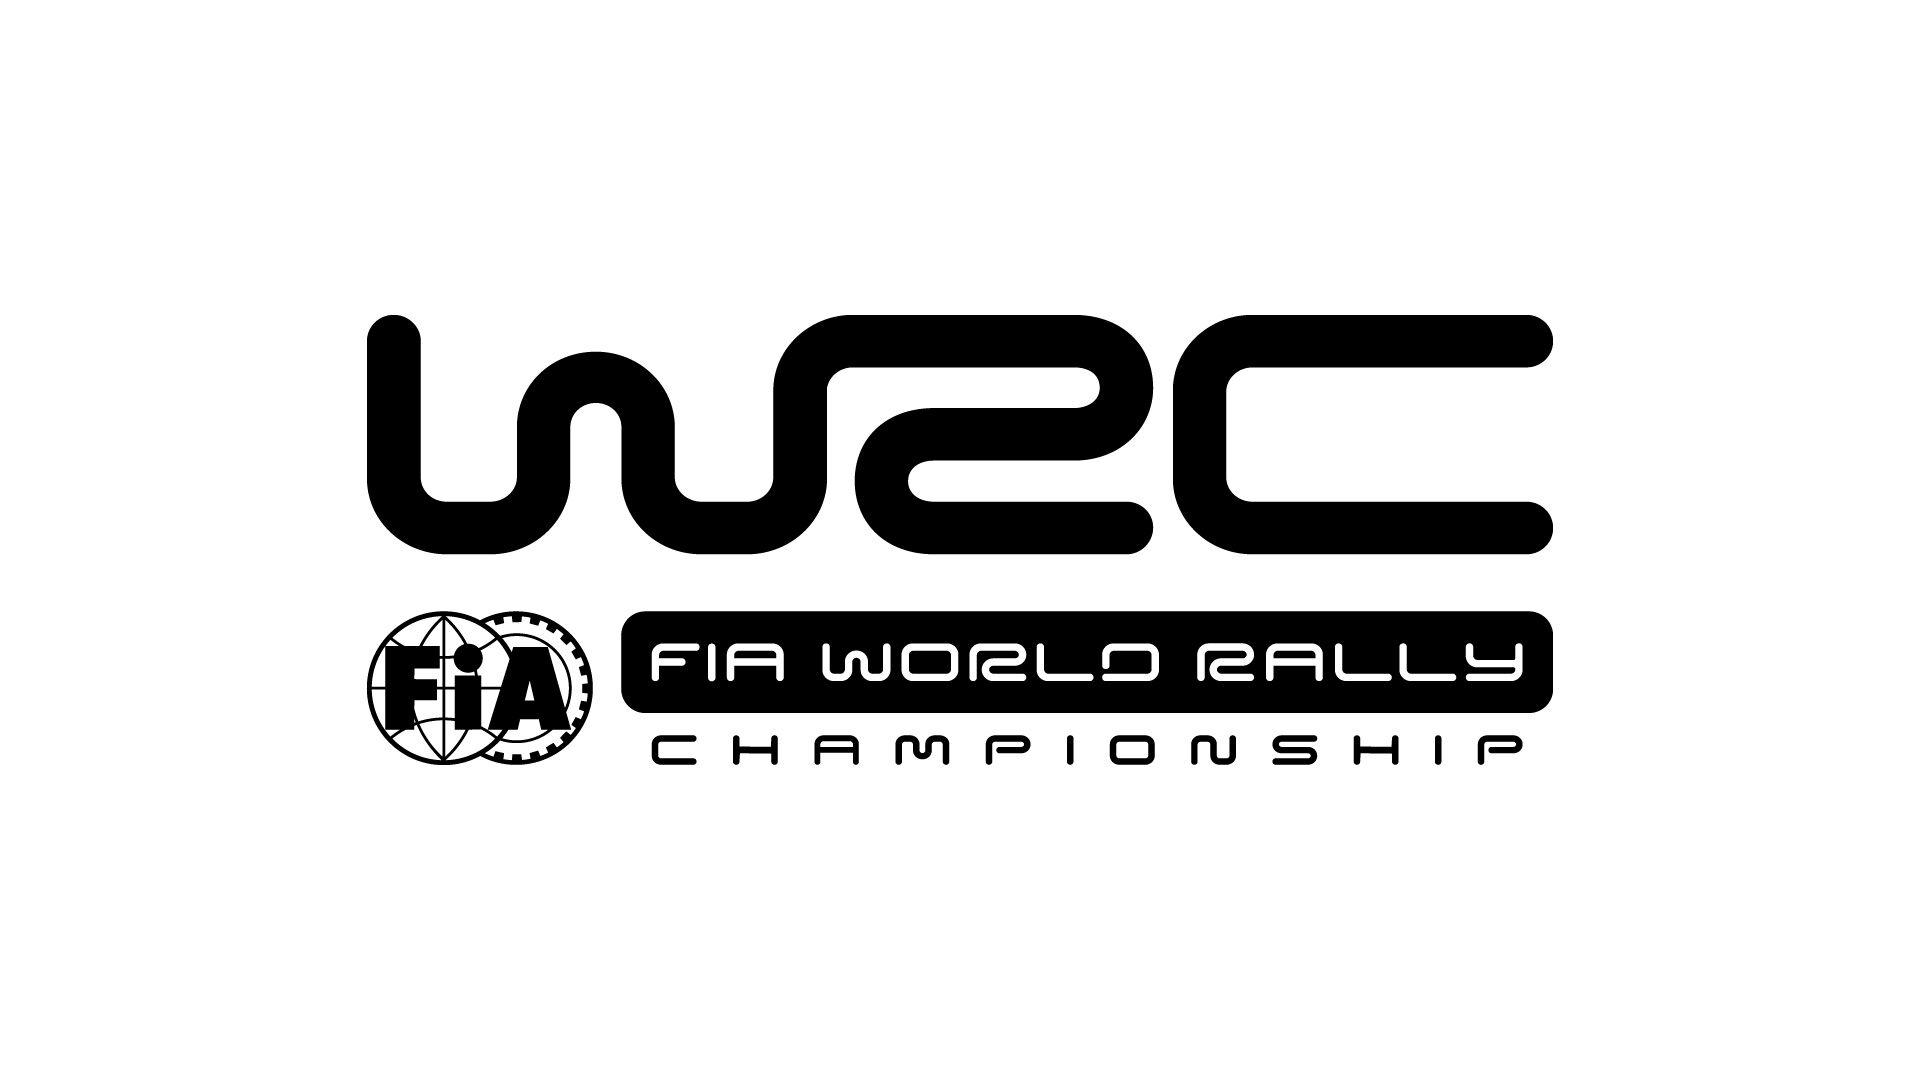 Wrc Com Fia World Rally Championship Official Website